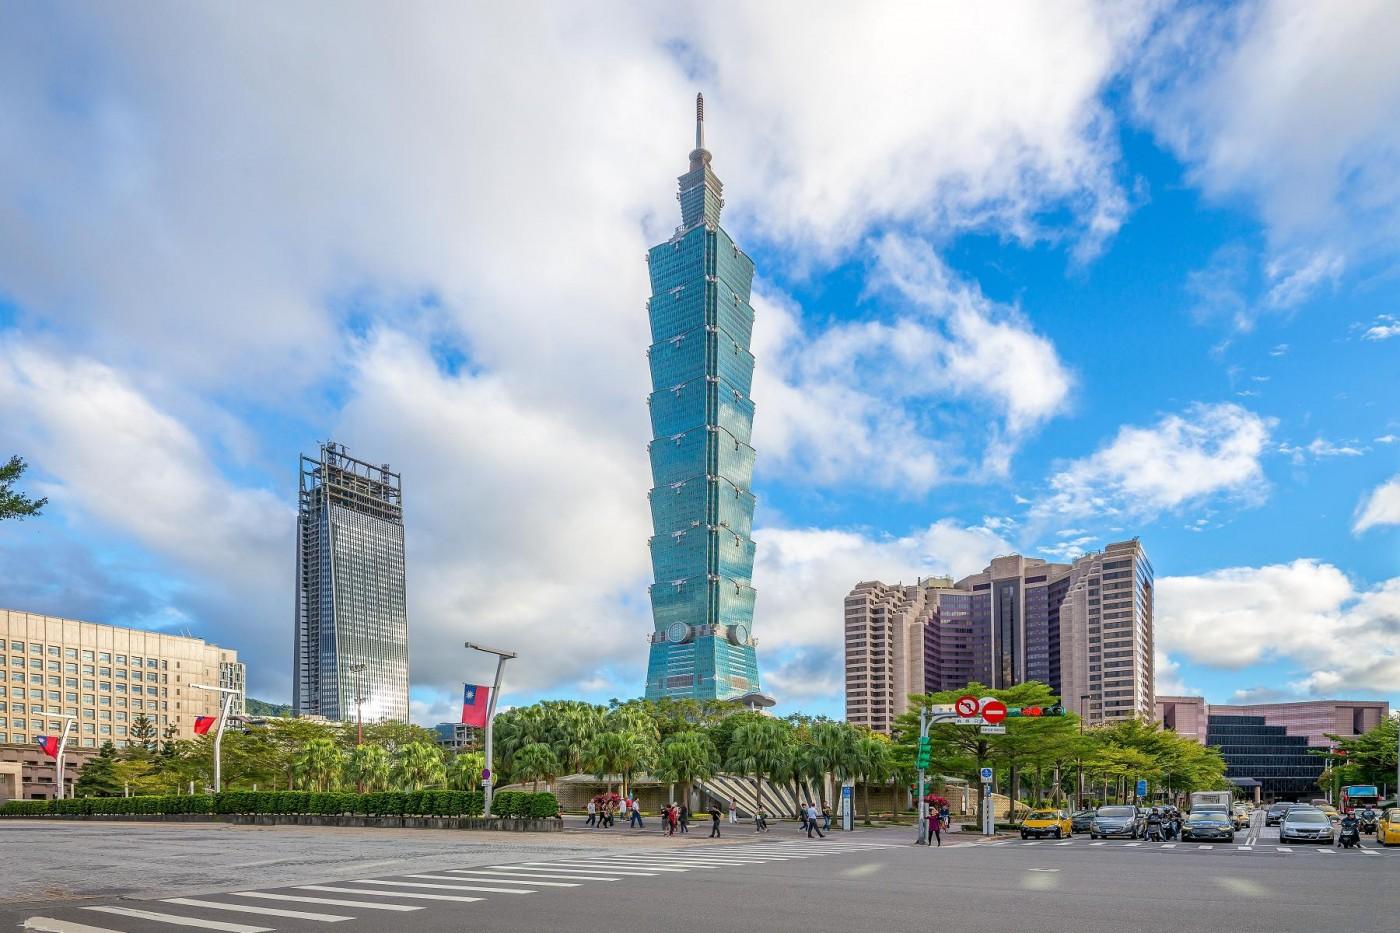 台灣該繼續專心做代工?提升台灣競爭力,簡立峰等專家點出4建議與1危機